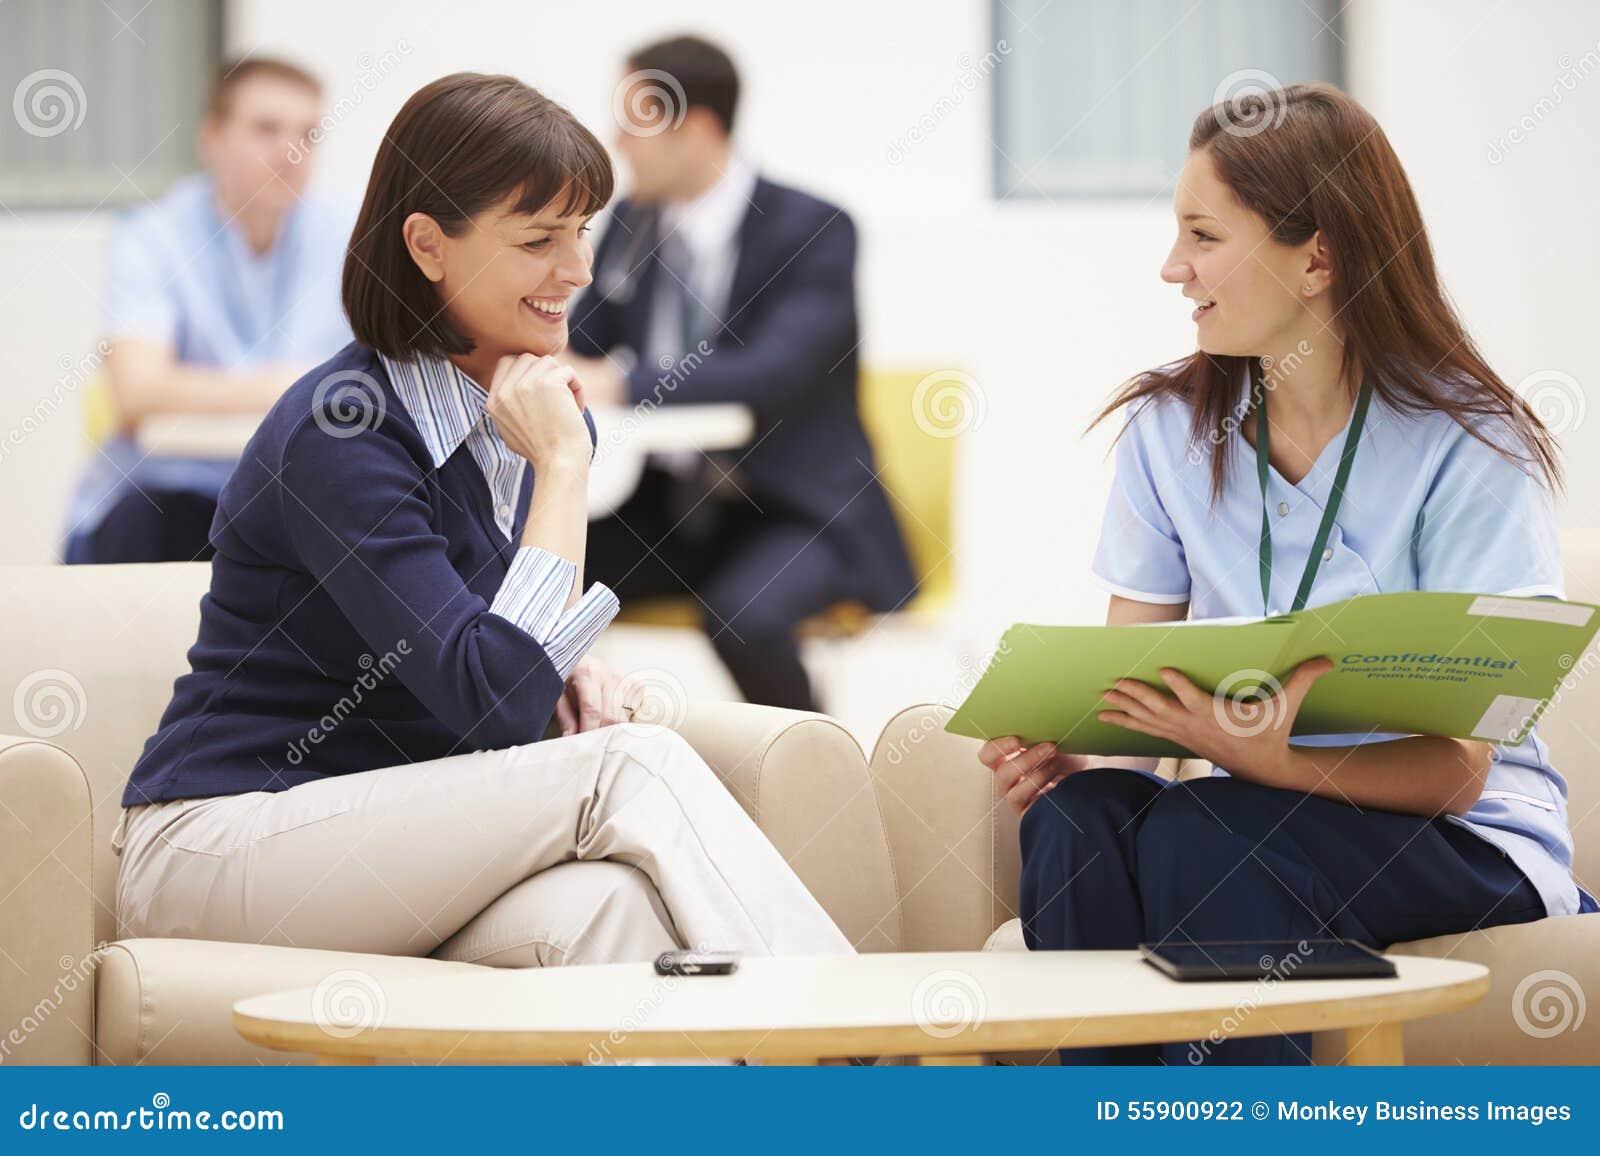 Frau, die Ergebnisse mit Krankenschwester bespricht